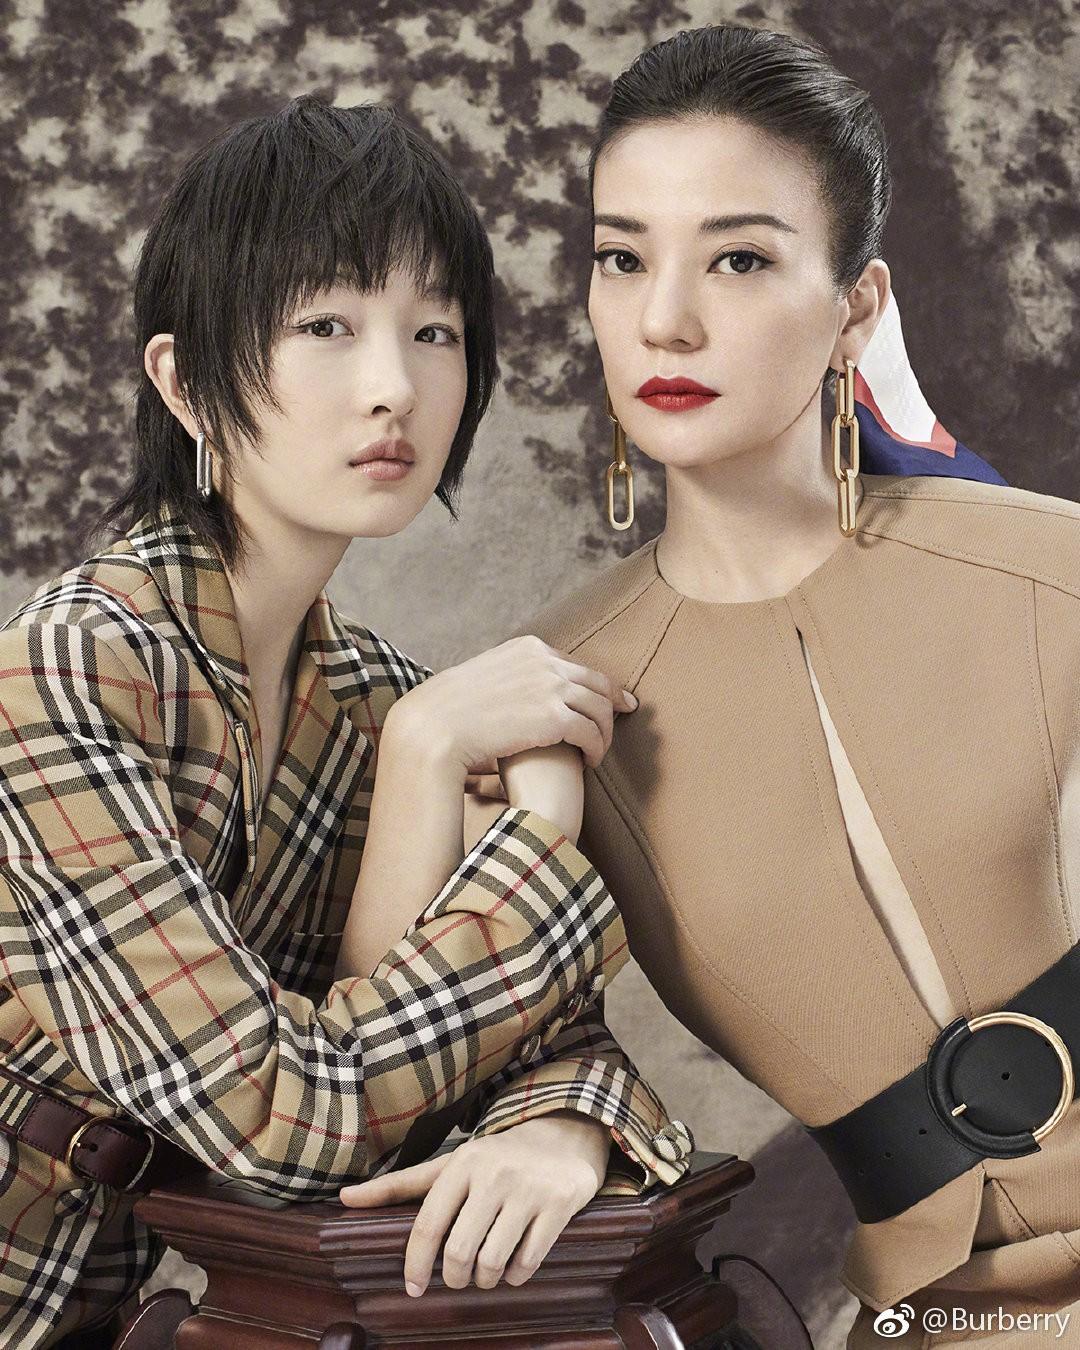 Tung poster sang chảnh quảng cáo dịp Tết, Burberry khiến dân mạng Trung Quốc bất an vì trông u ám quá - Ảnh 6.